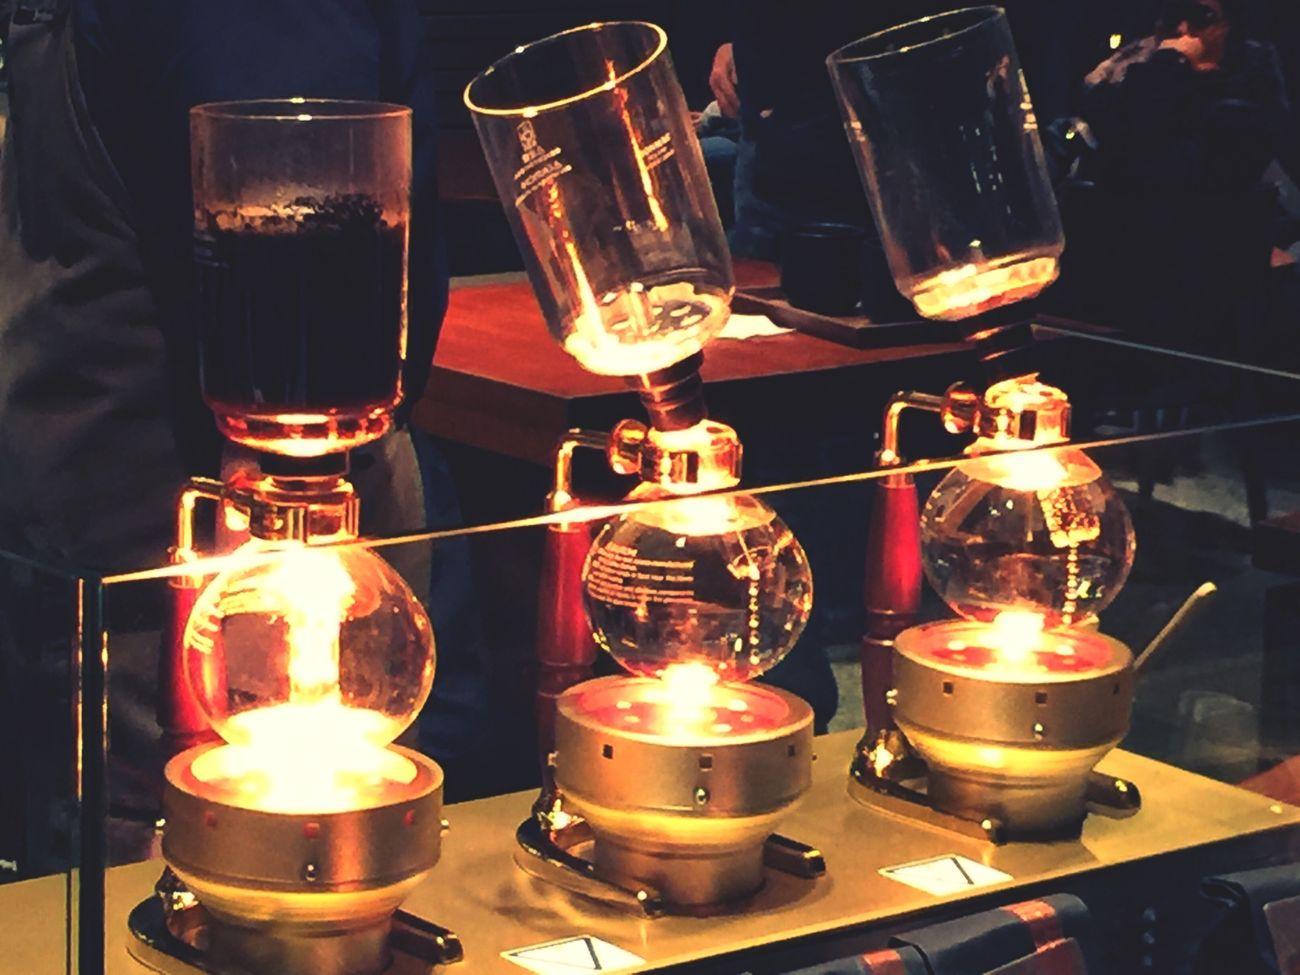 Seattle, Washington Starbucks